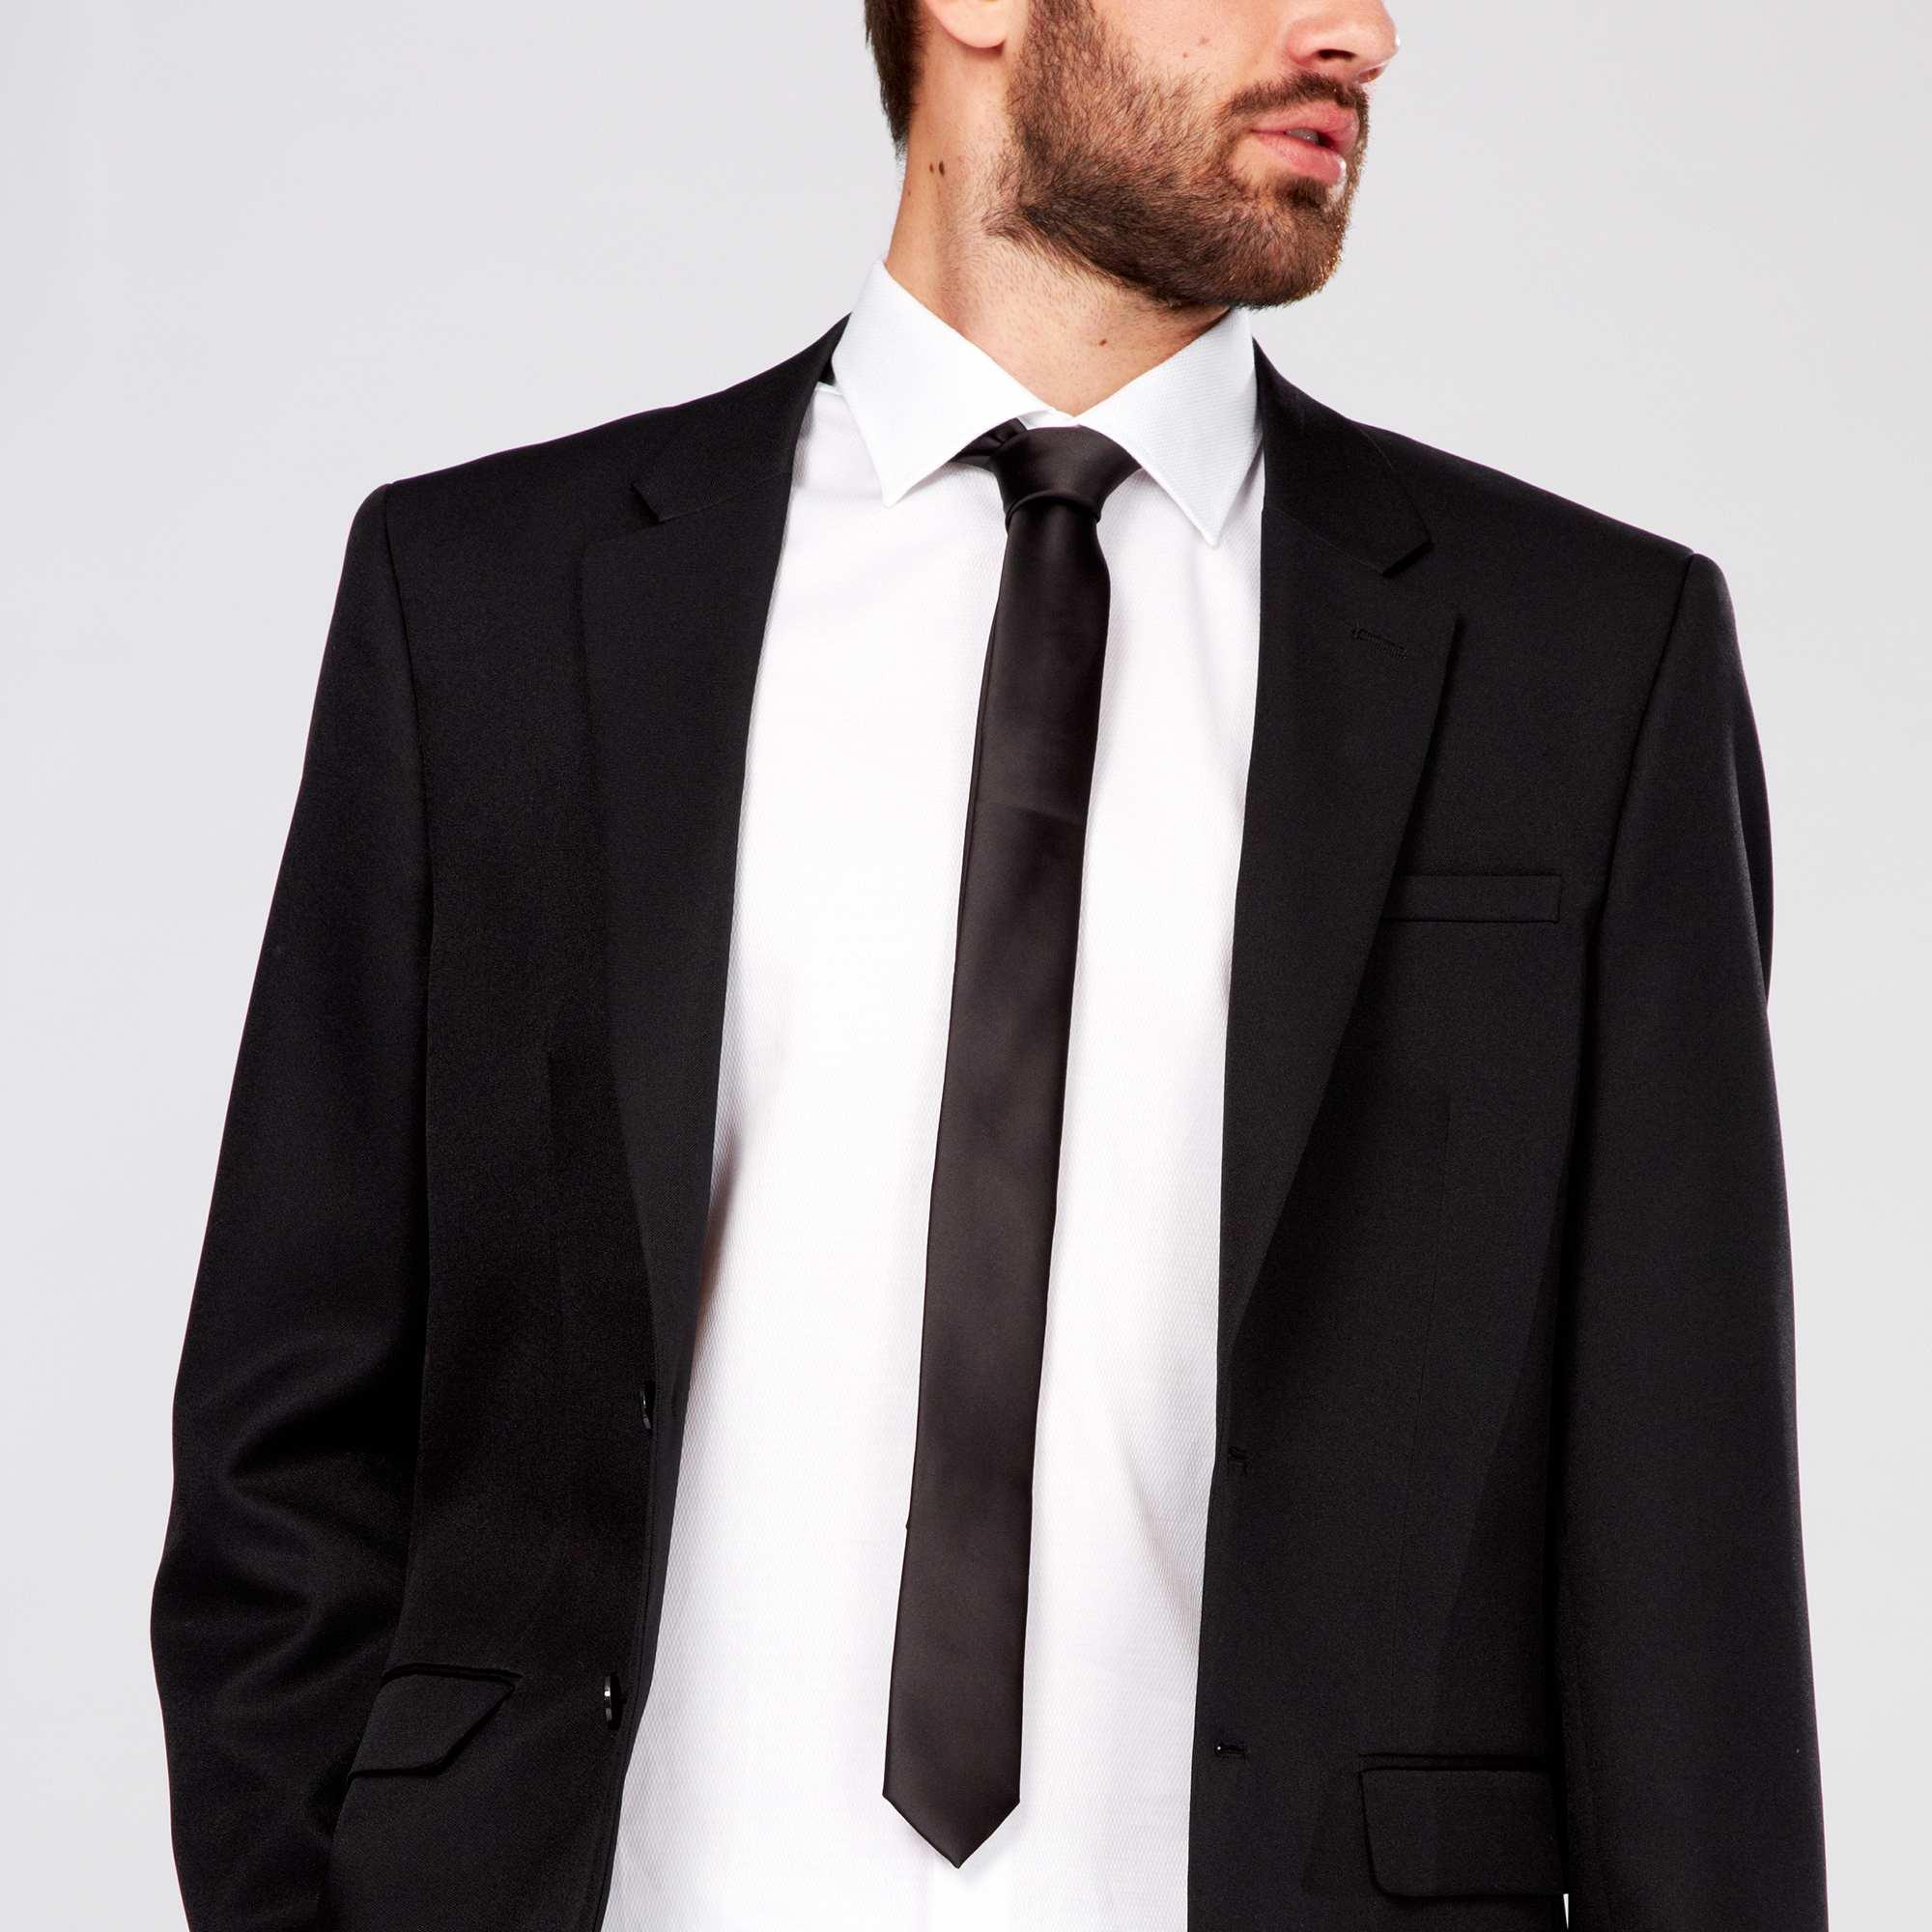 Cravate satin uni homme noir kiabi 3 50 - Cravate noire homme ...